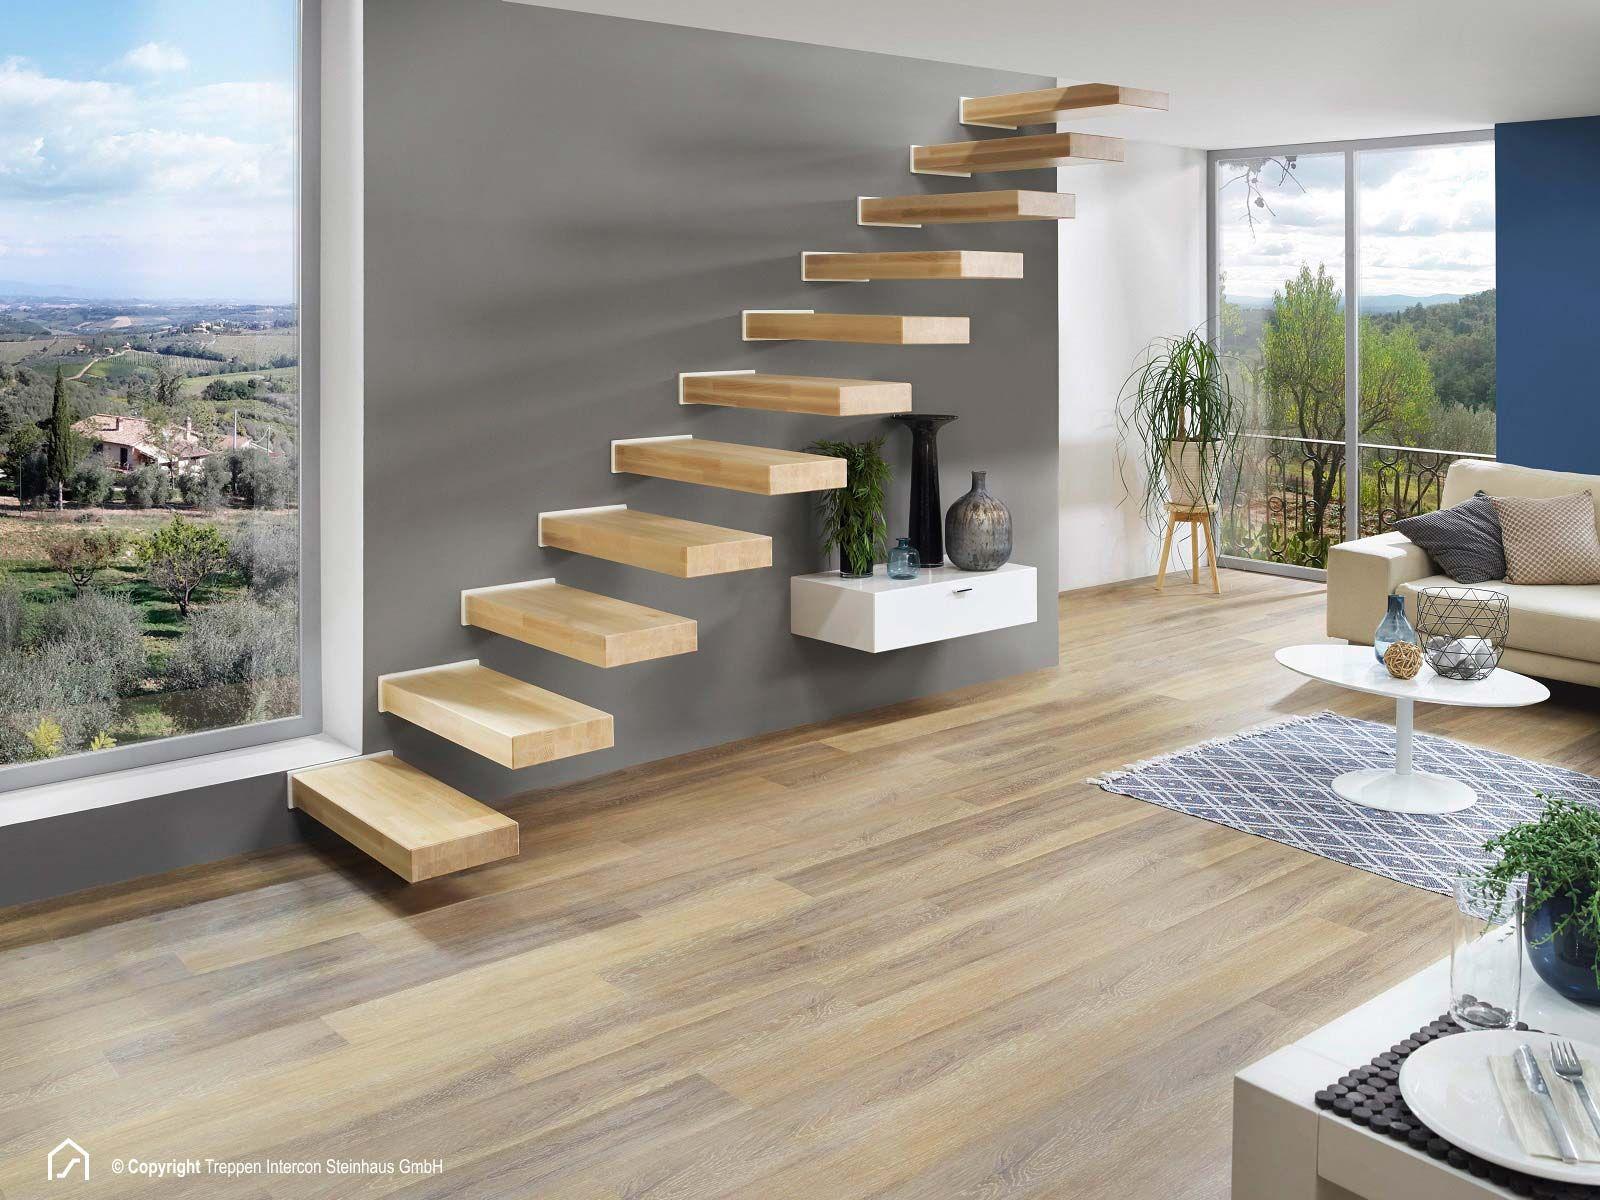 Kragarmtreppe Sydney ab Lager kaufen | Treppen Intercon | Stairs ...